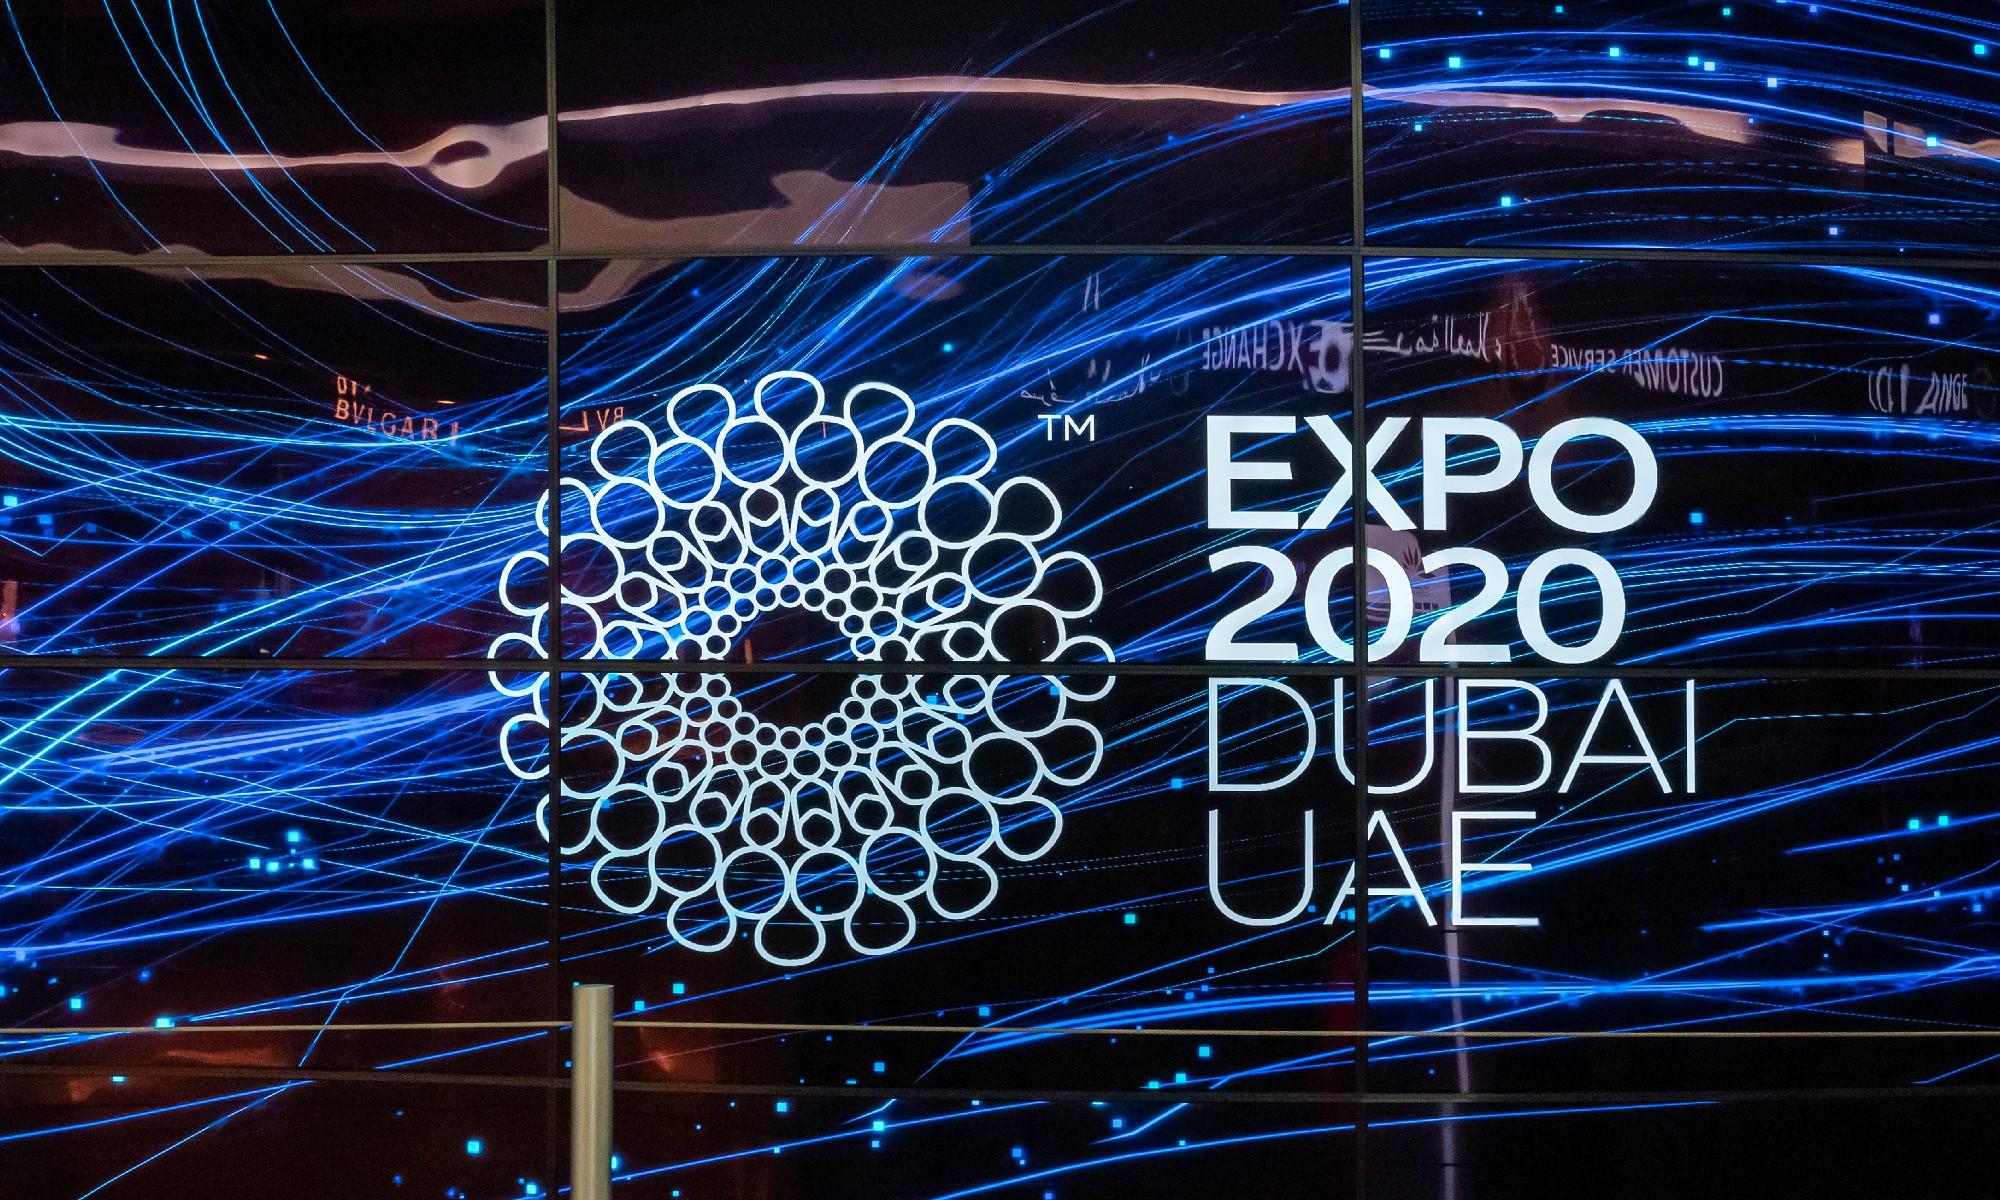 La France brillera à l'exposition universelle de Dubaï